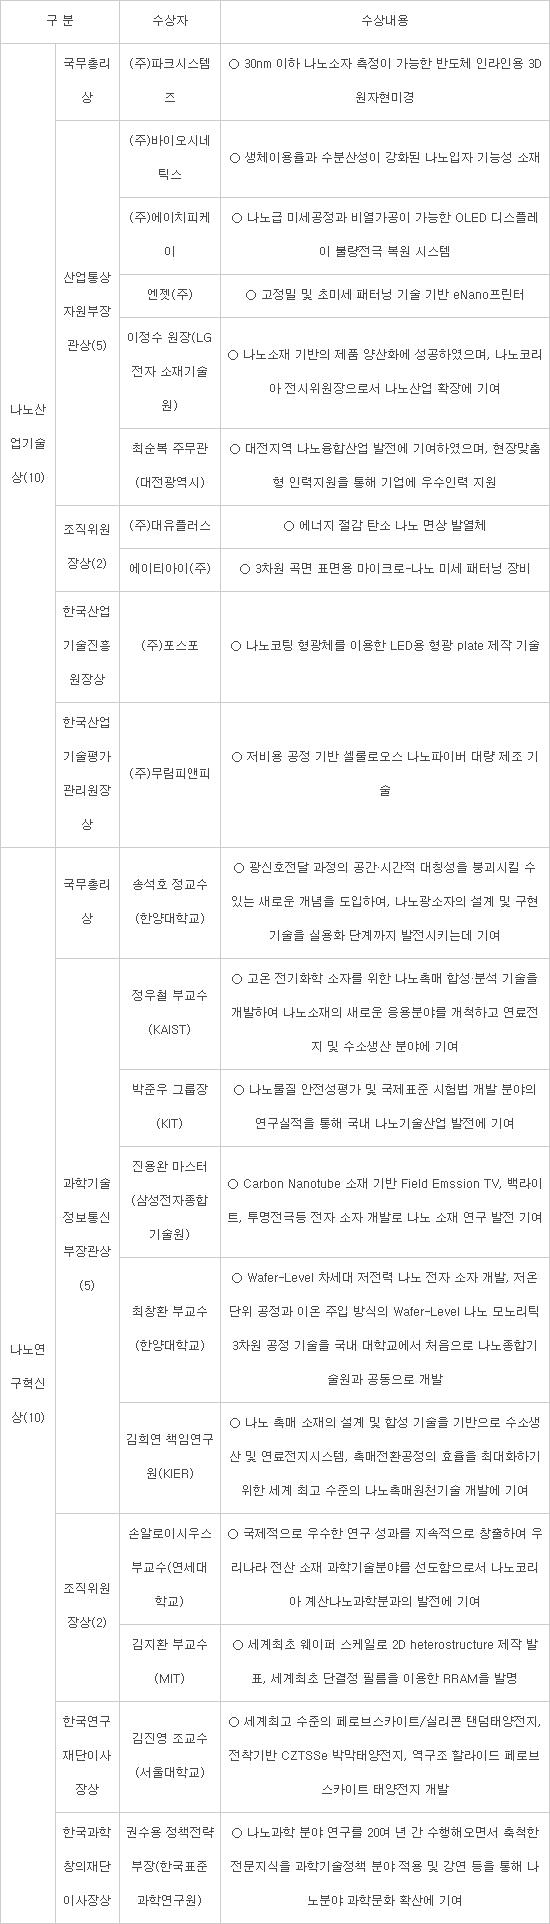 [나노코리아 2019]'나노코리아 어워드' 국무총리상